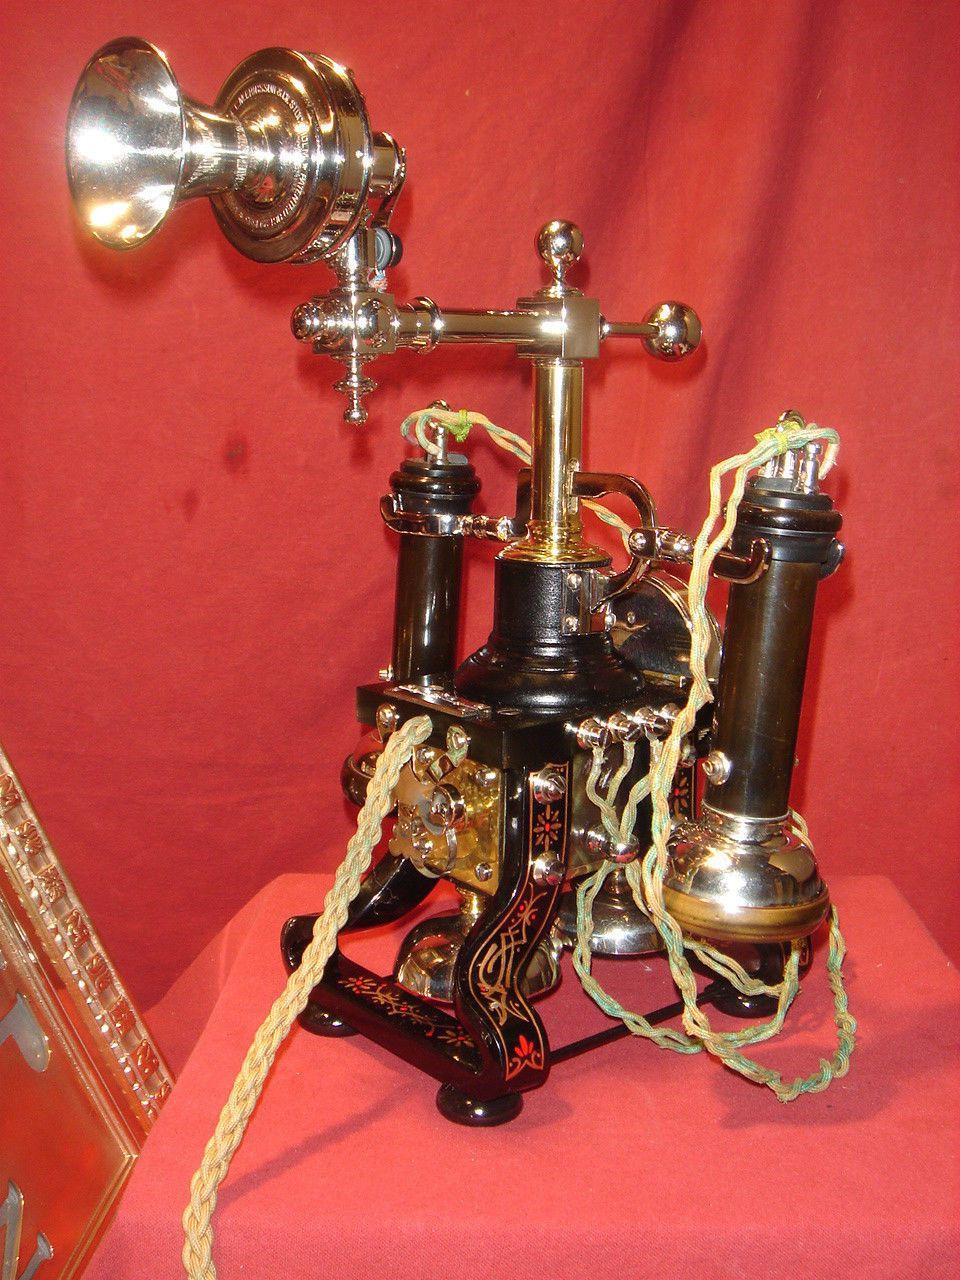 Antique Ericsson Eiffel Tower Telephone 1880's RARE Museum